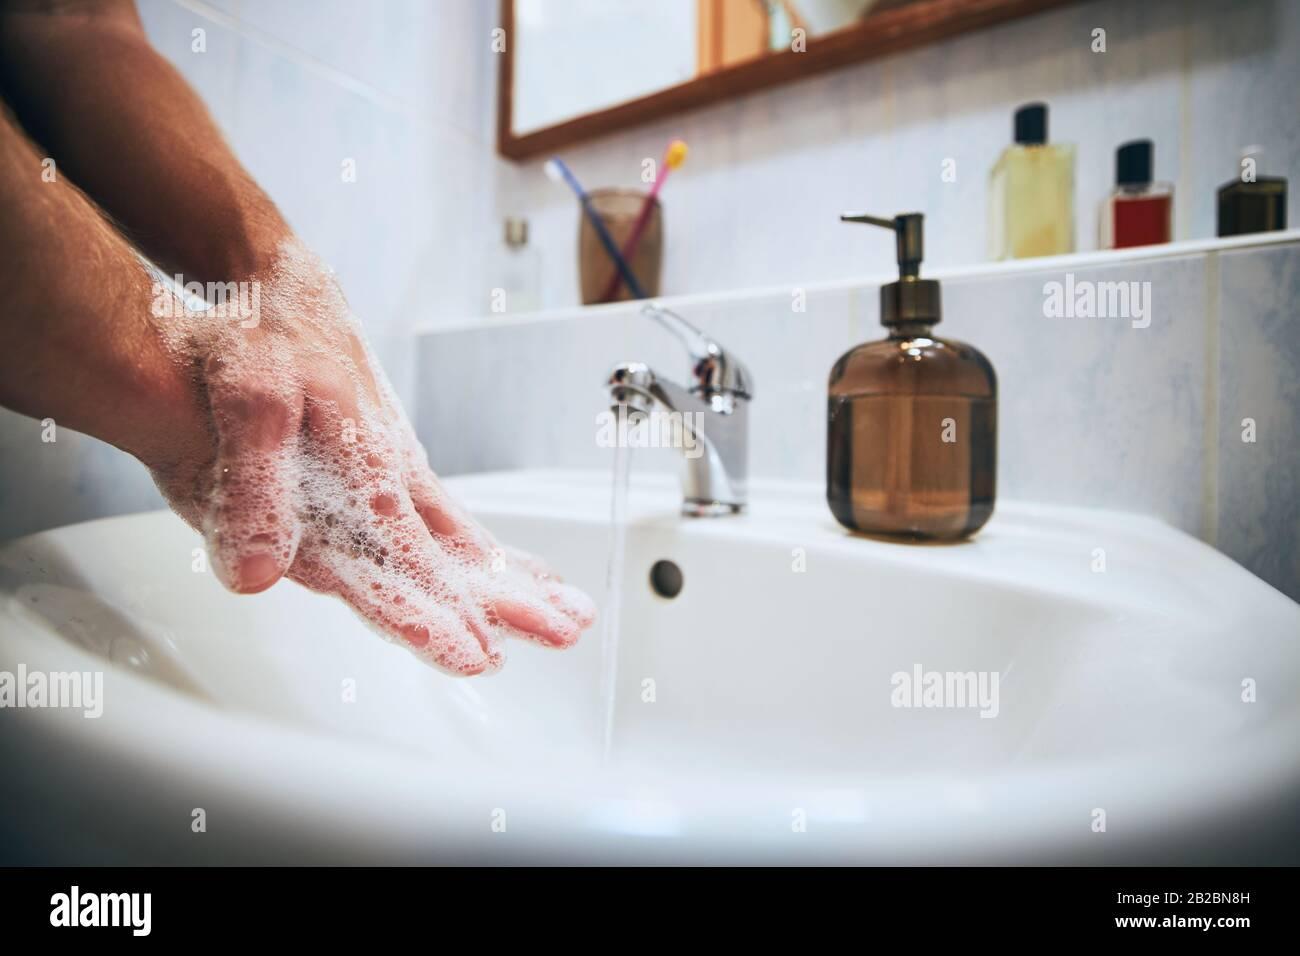 Se laver les mains à la maison dans la salle de bains. Un mode de vie sain, une hygiène et une prévention des maladies virales et bactériennes. Banque D'Images